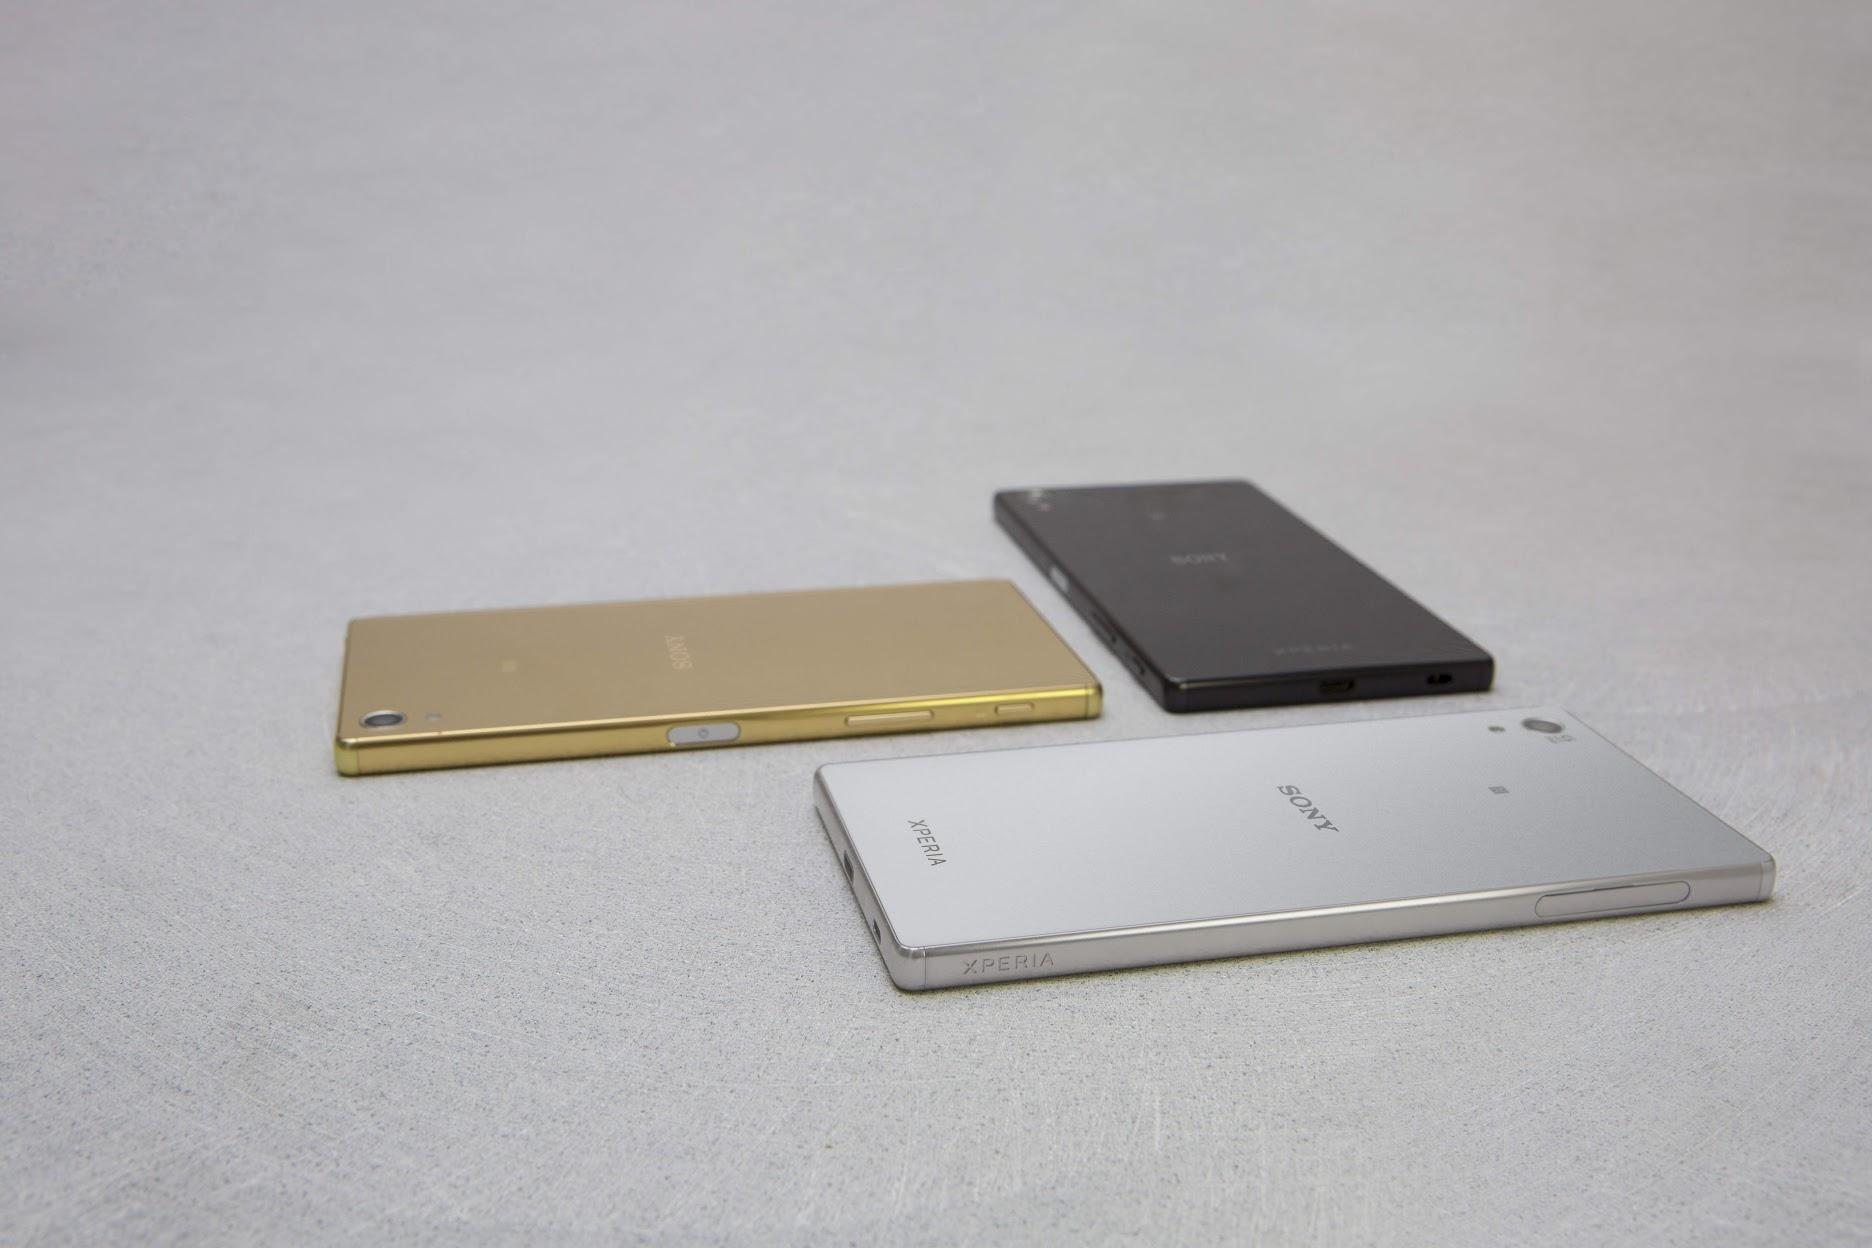 Sony Xperia Z5 Premium colori